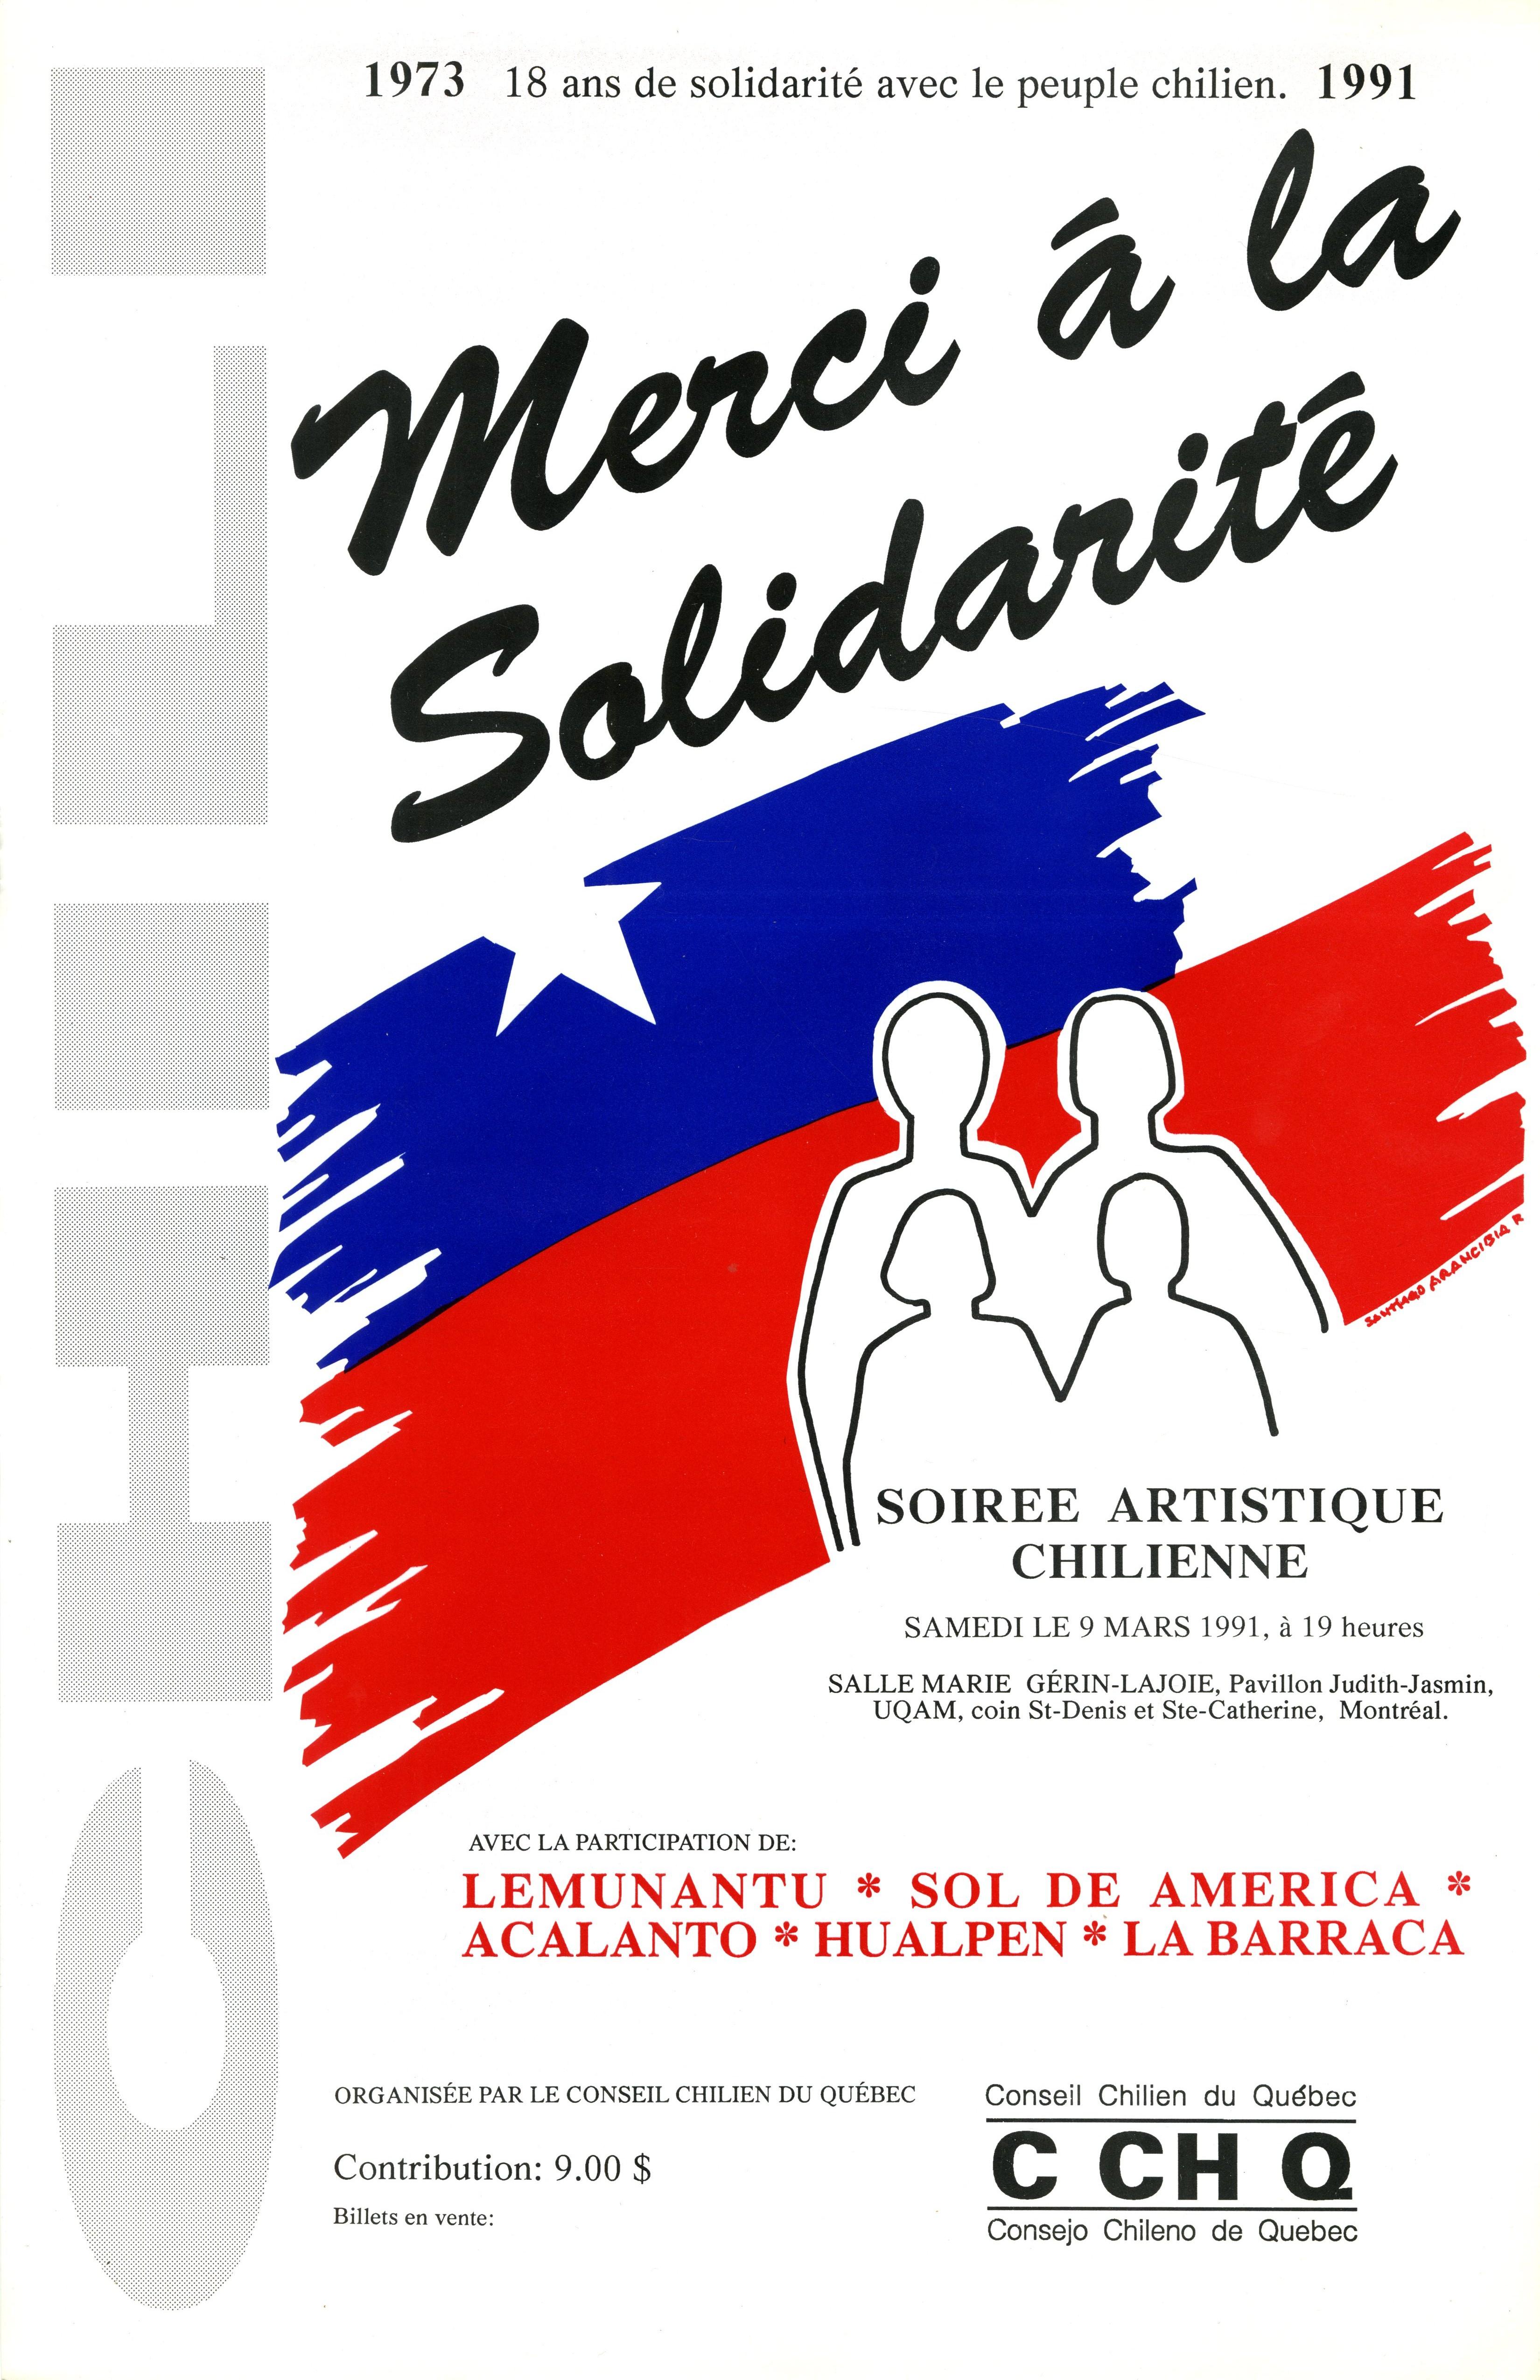 18 ans de solidarité avec le peuple chilien 1973 – 1991